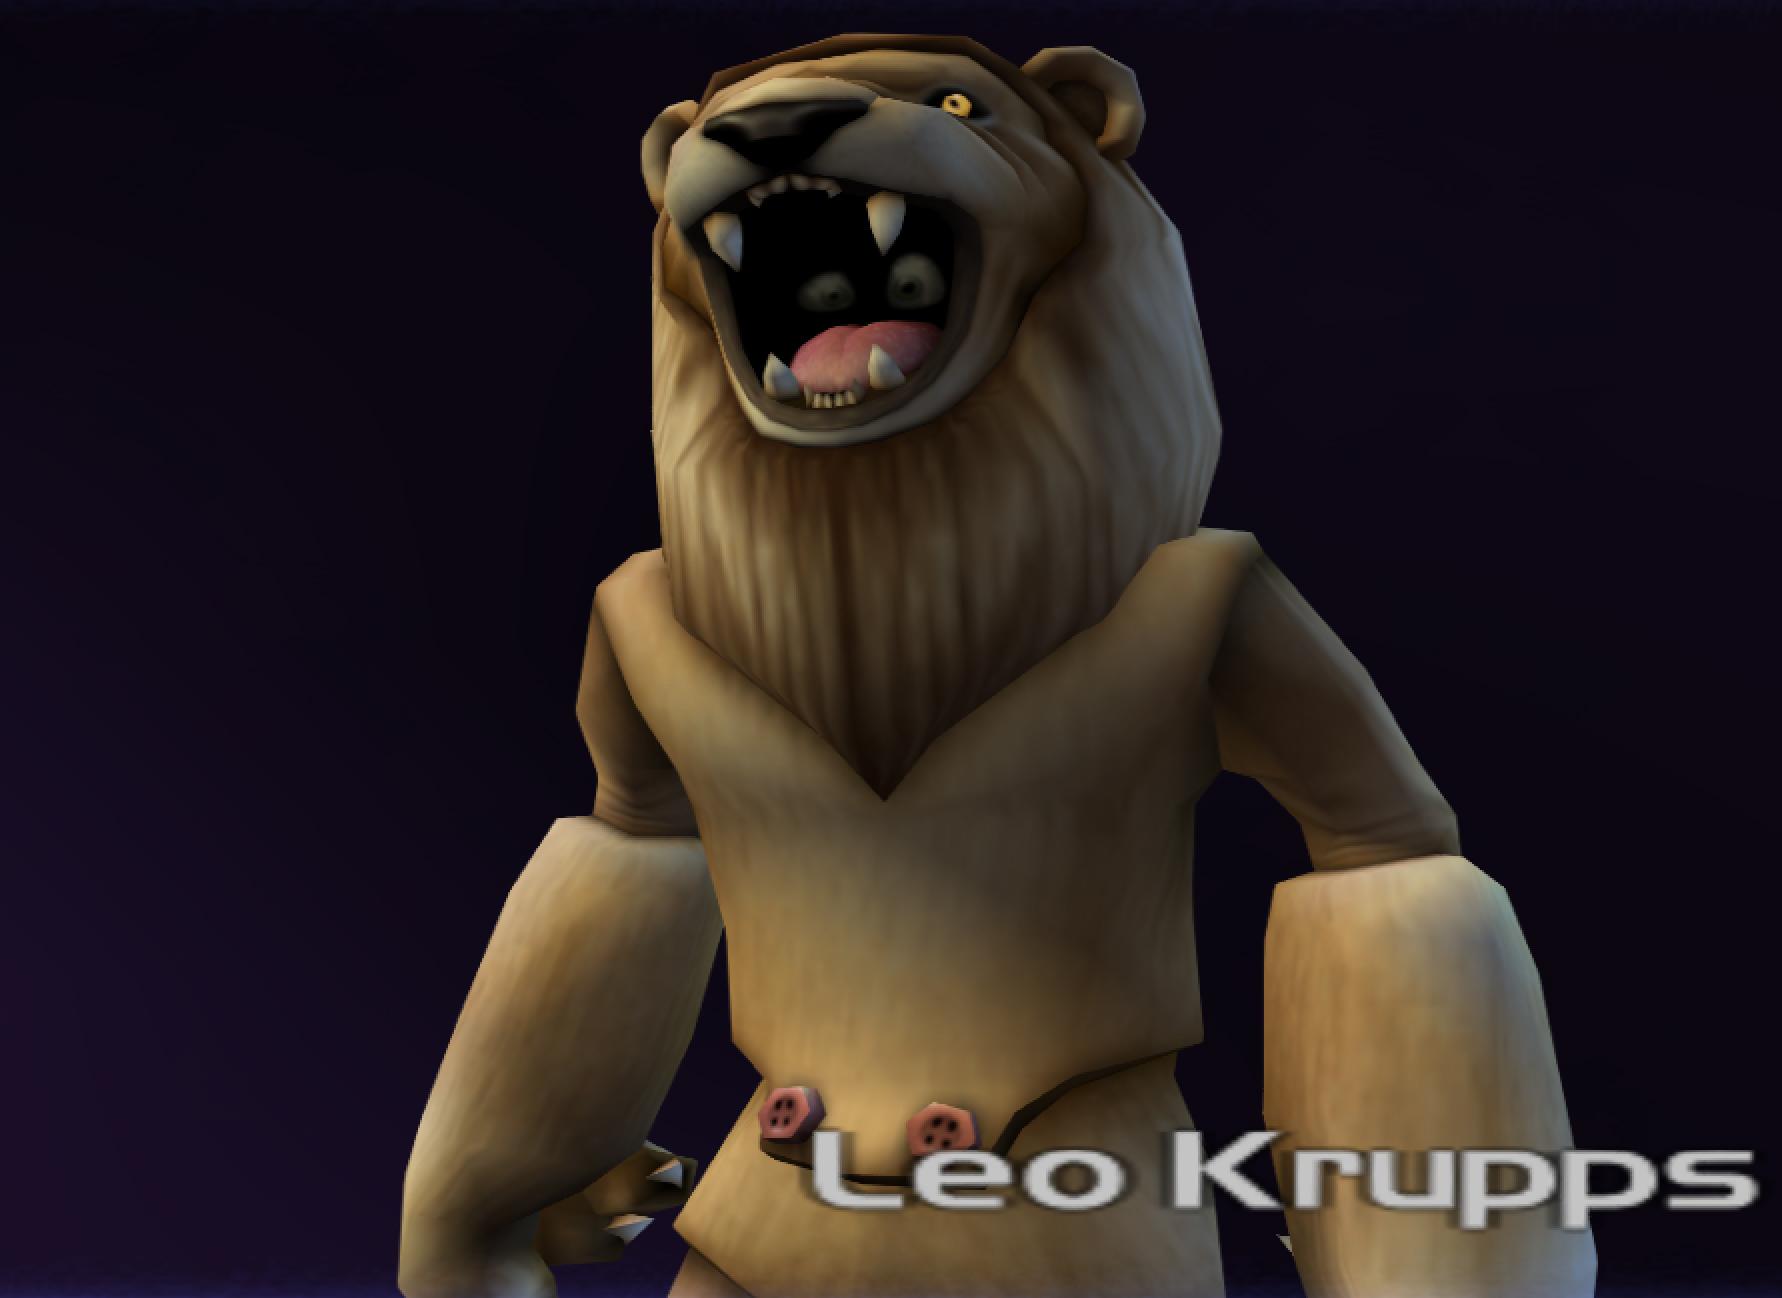 Leo Krupps